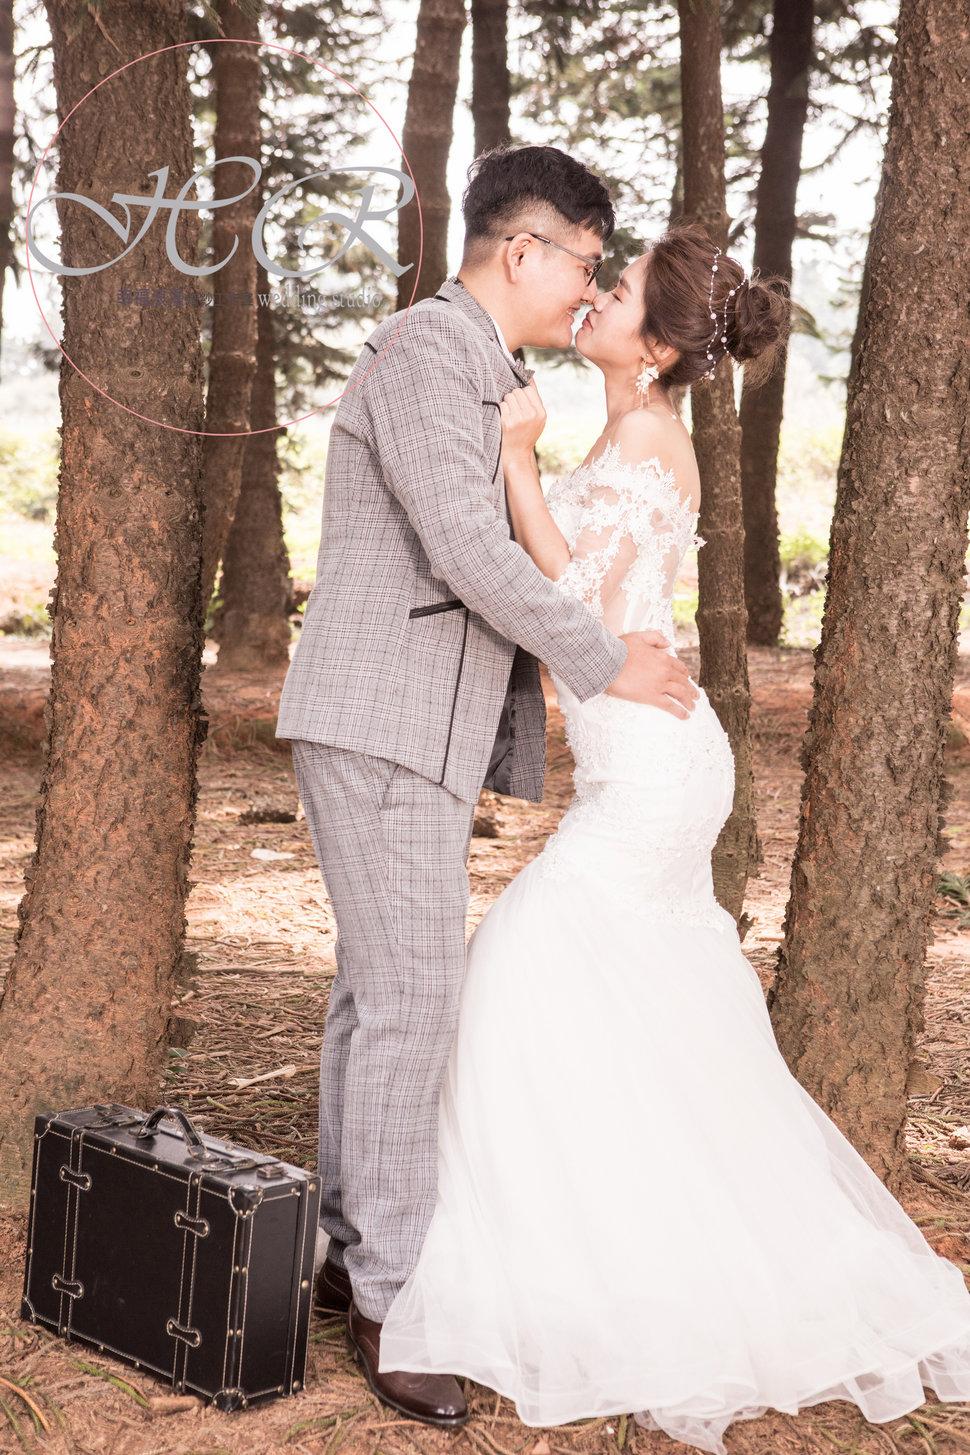 5G3A8007~1 - 幸福浪漫婚紗工作室 韓式婚紗攝影《結婚吧》